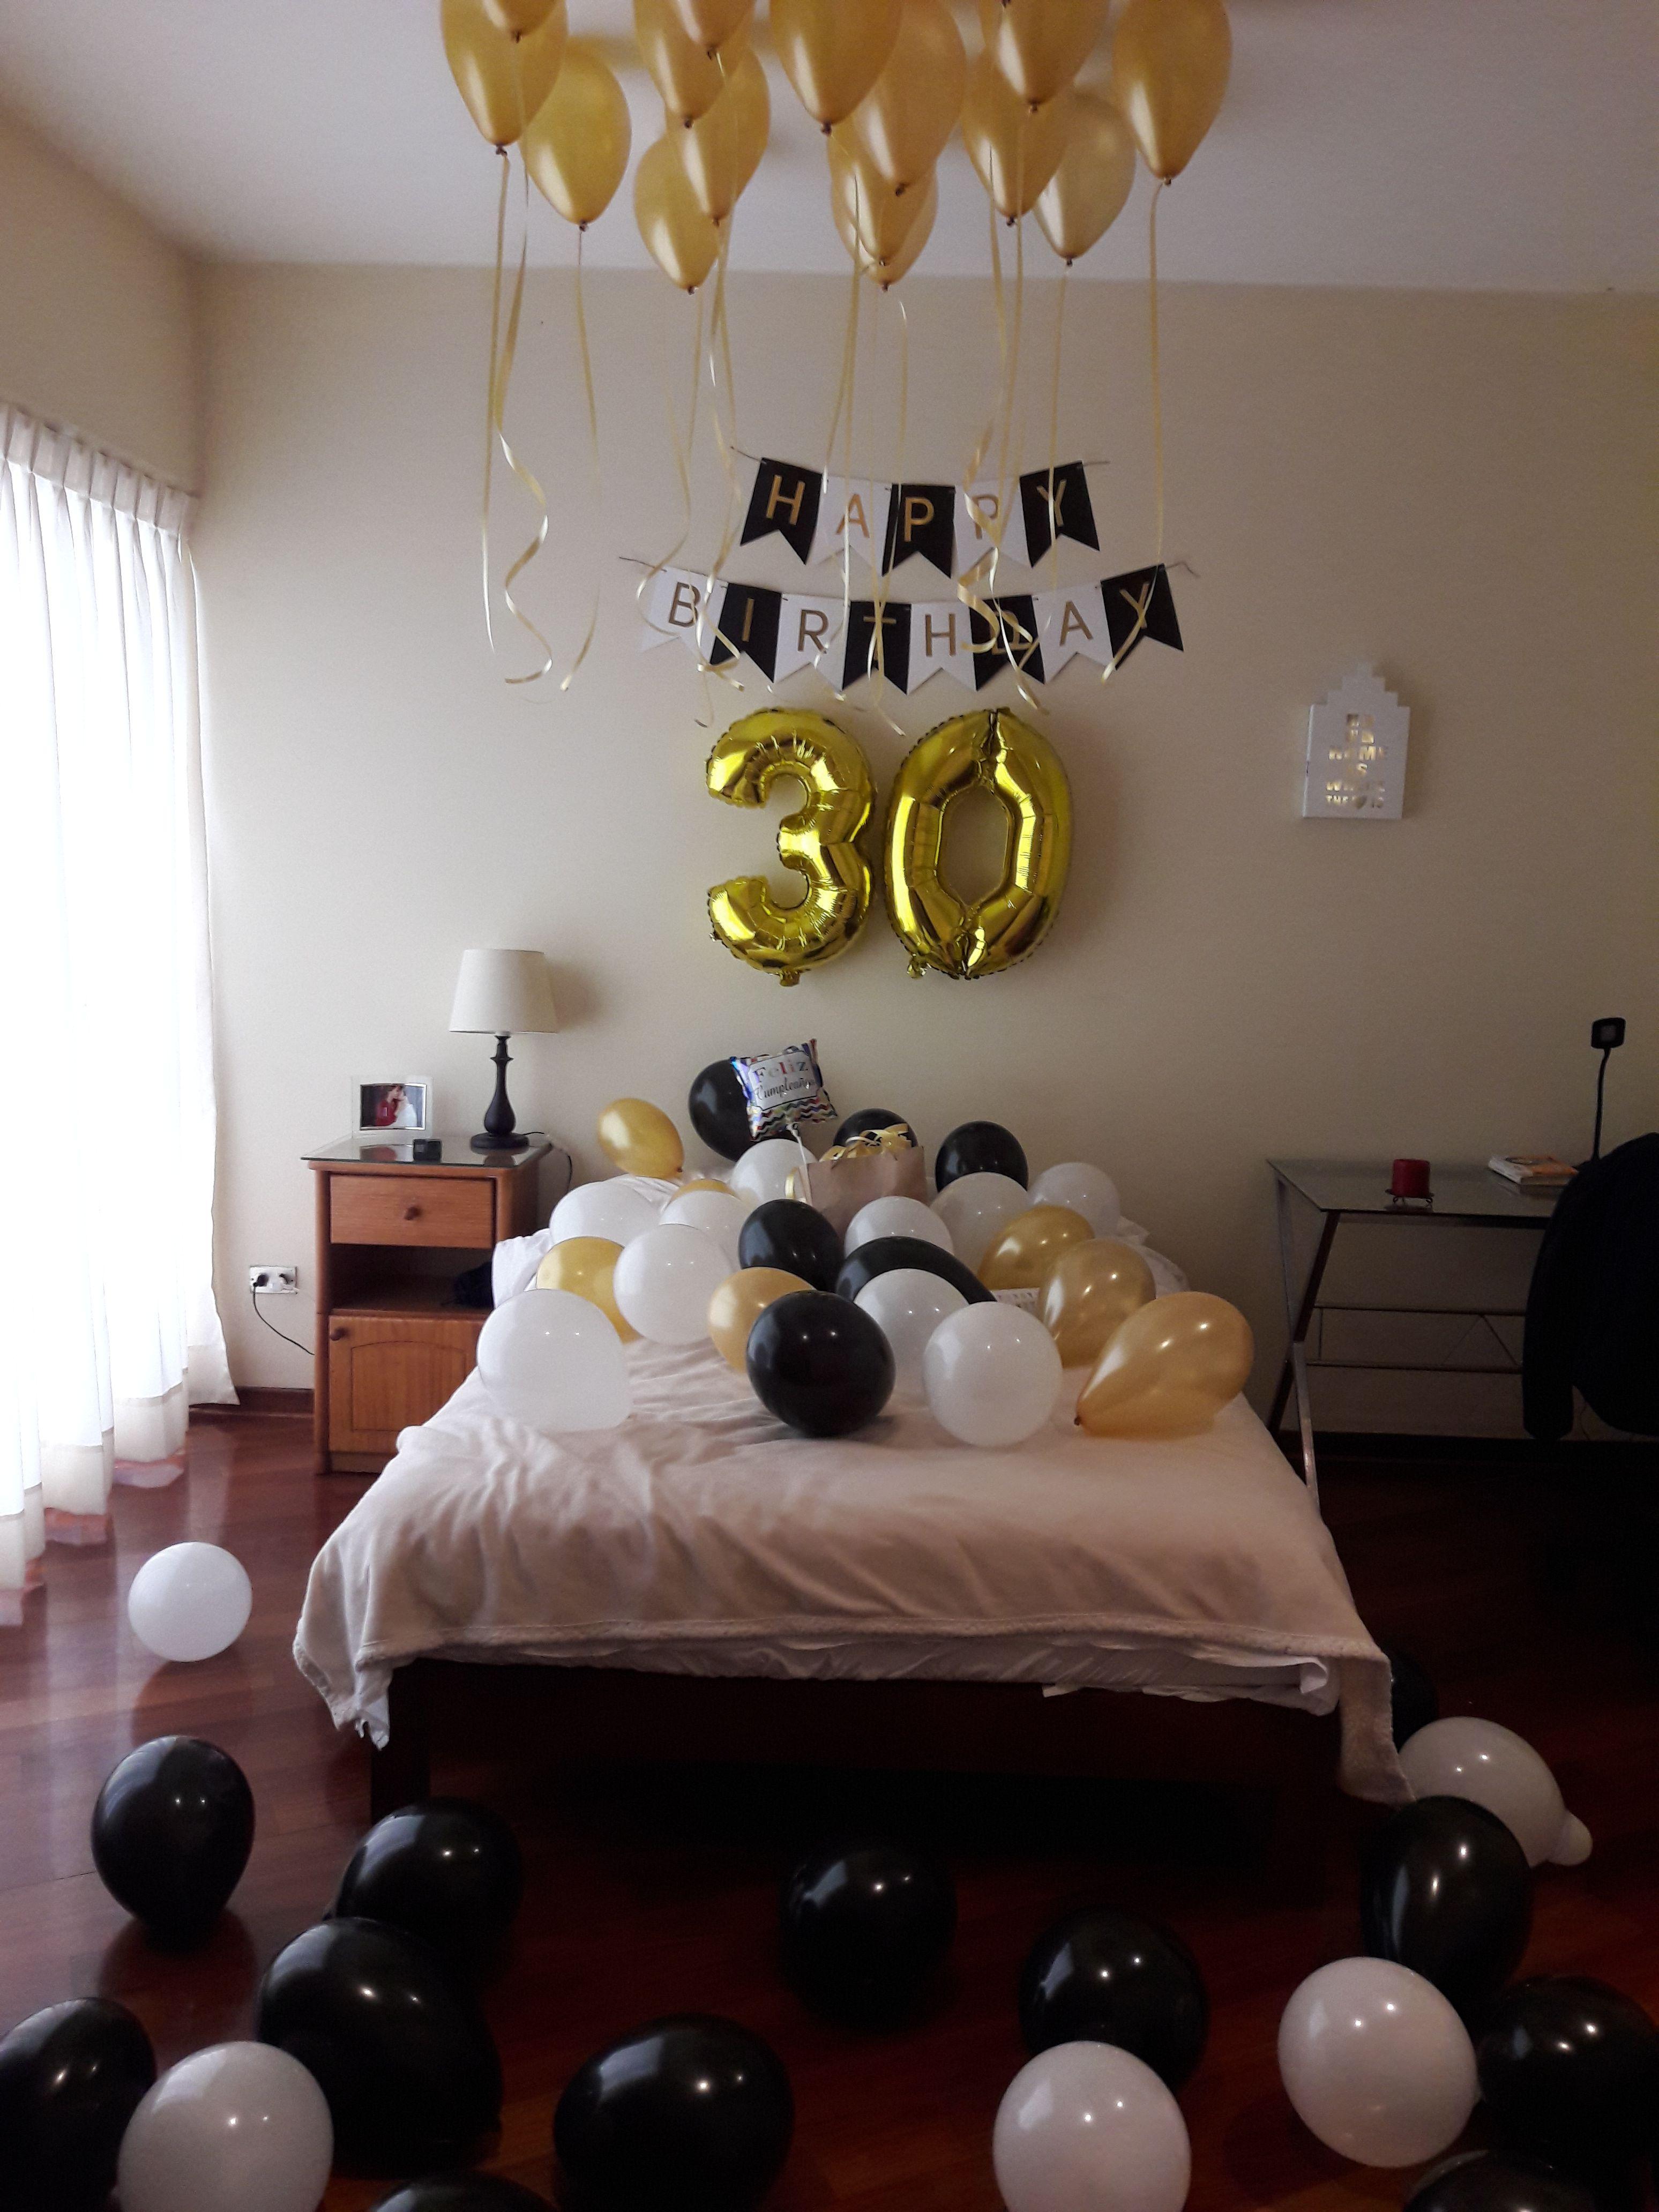 Decoraci n de cuarto con globos sorpresa de cumplea os for Cuartos decorados feliz cumpleanos